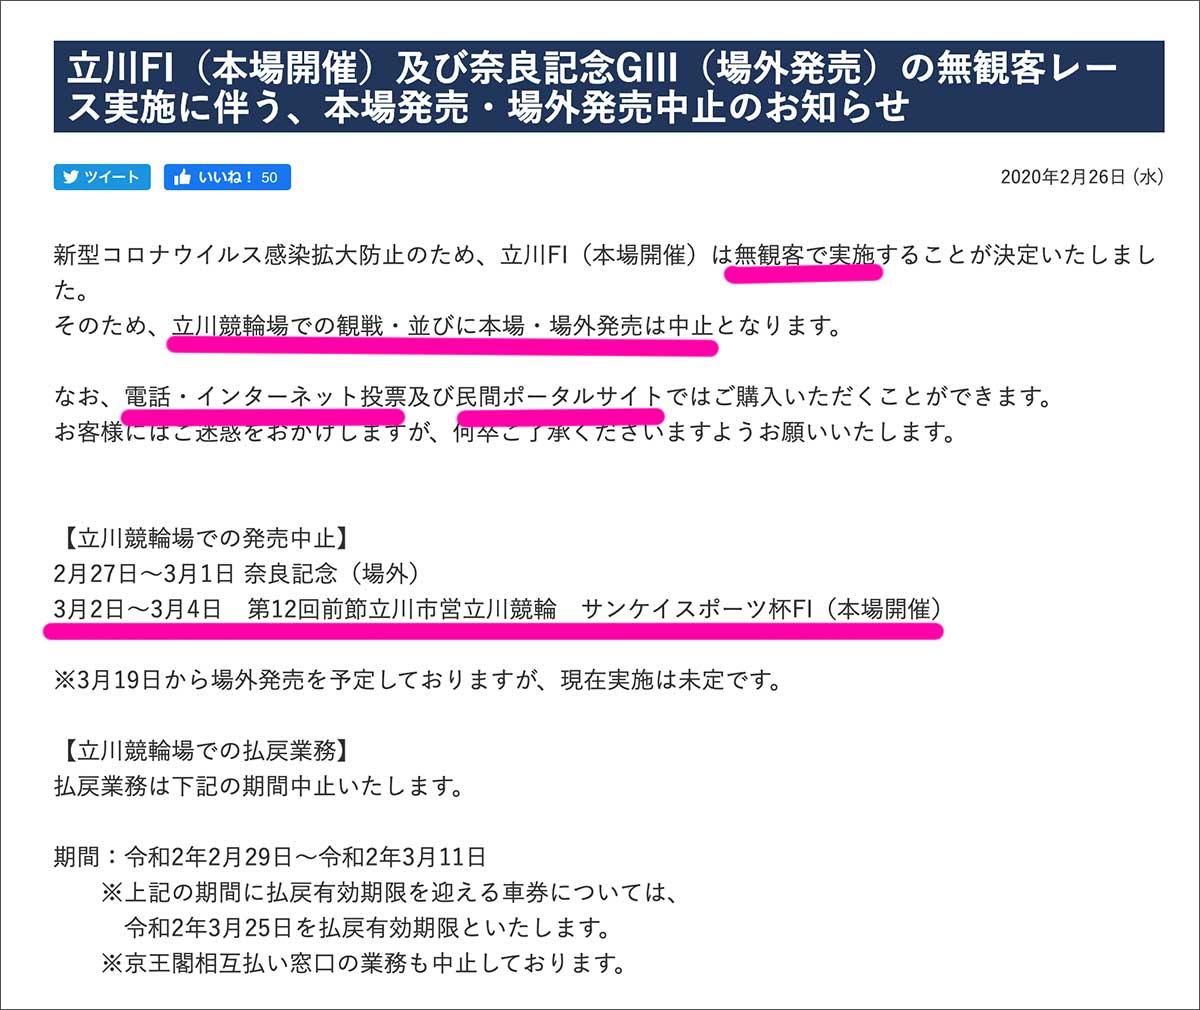 立川 競輪 開催 日